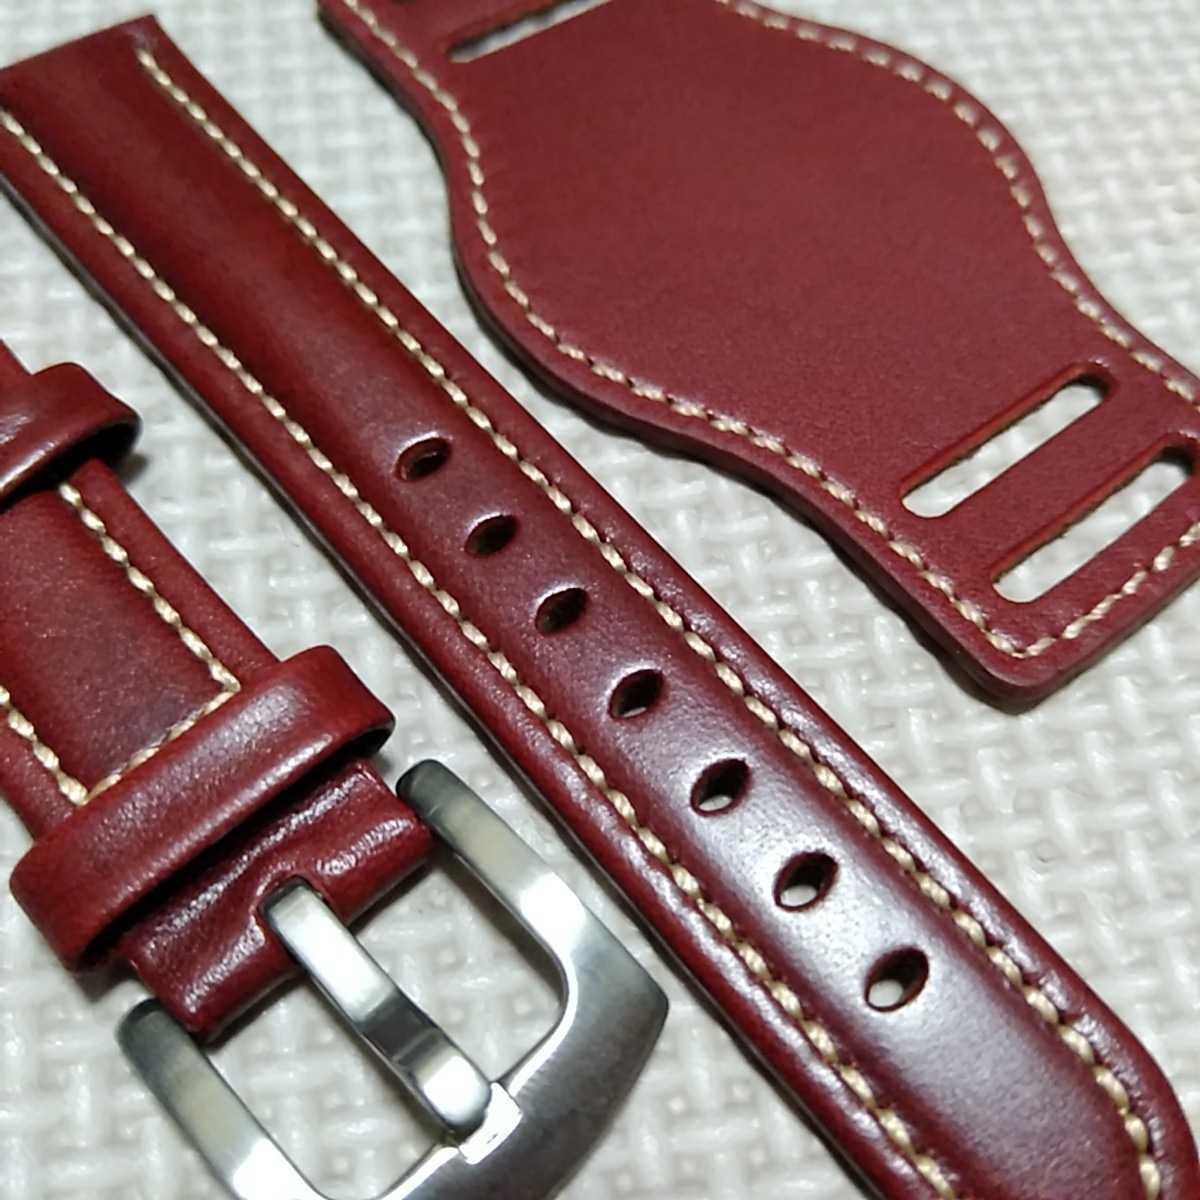 No54 ブンド BUND 本革レザーベルト 腕時計ベルト 交換用ストラップ レッド 18mm 未使用 高品質 ドイツパイロット 空軍_画像4